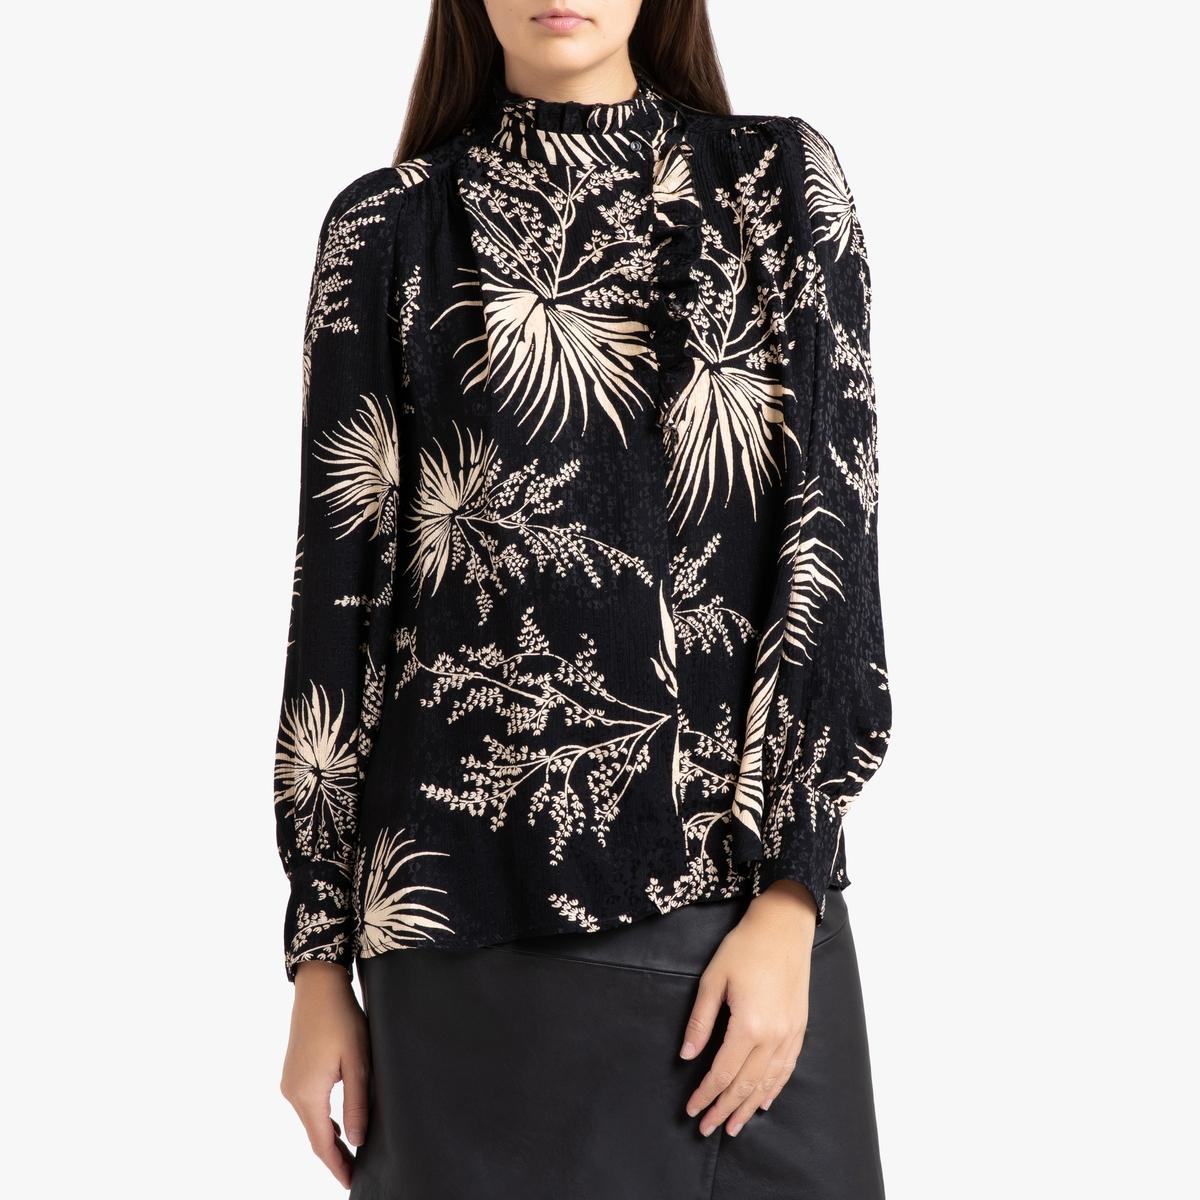 купить Блузка La Redoute С принтом с длинными рукавами EDA 0(XS) черный по цене 17499 рублей